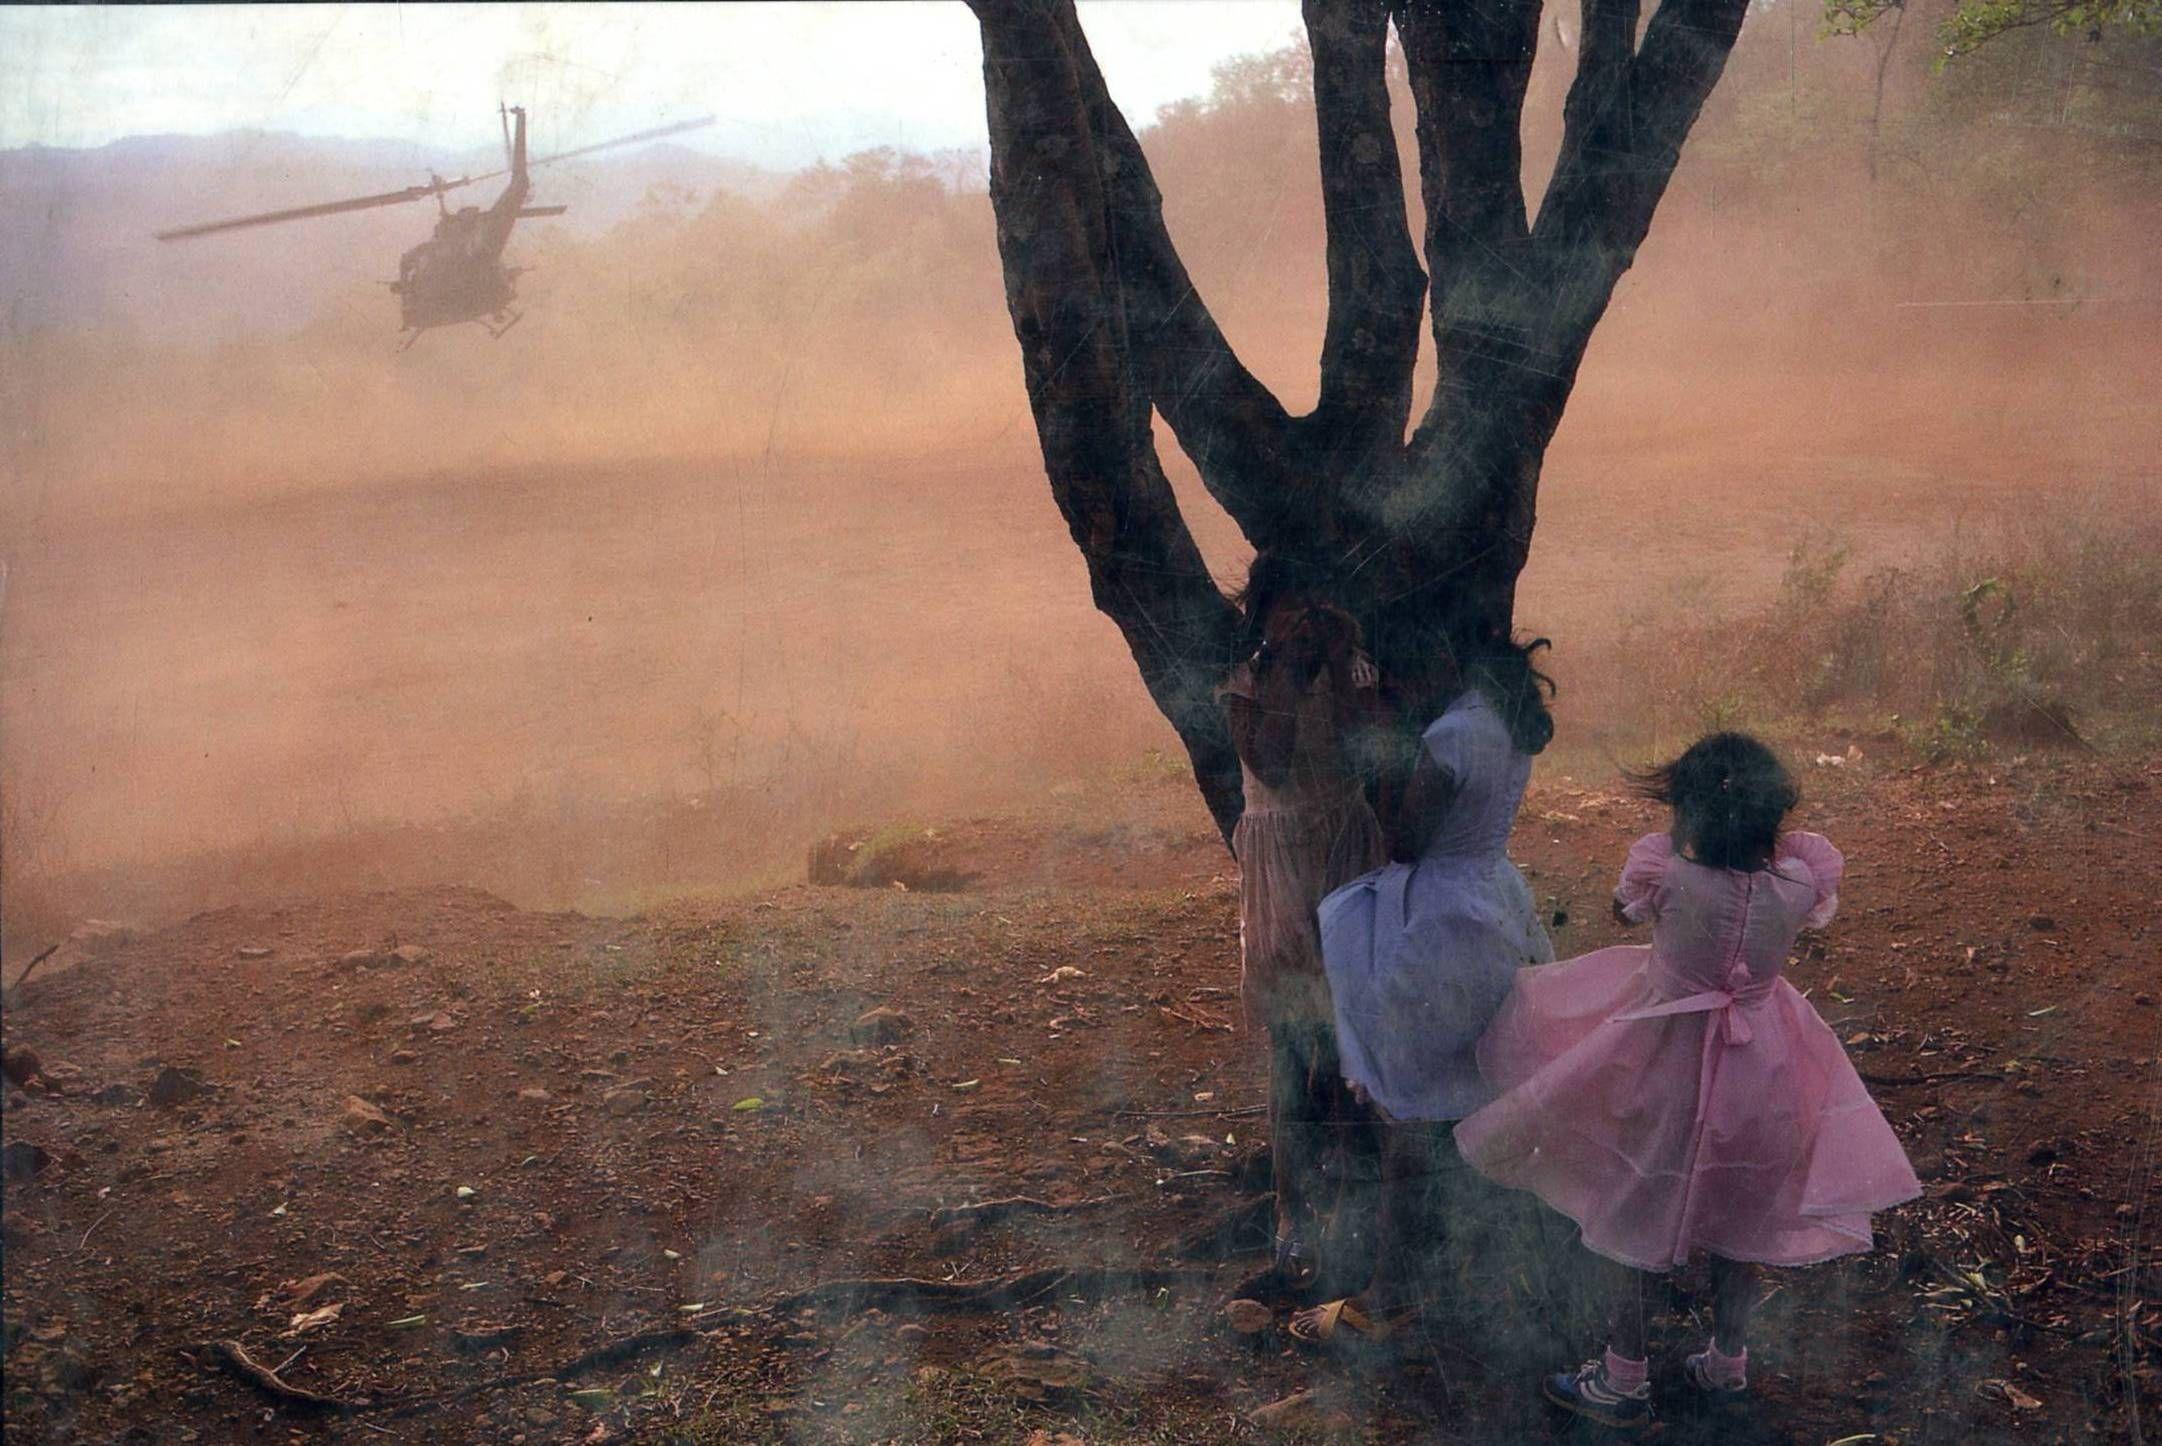 8-گوشه هایی از هراس ناشی از جنگ داخلی. 1984، ال سالوادور، جیمز نچوی